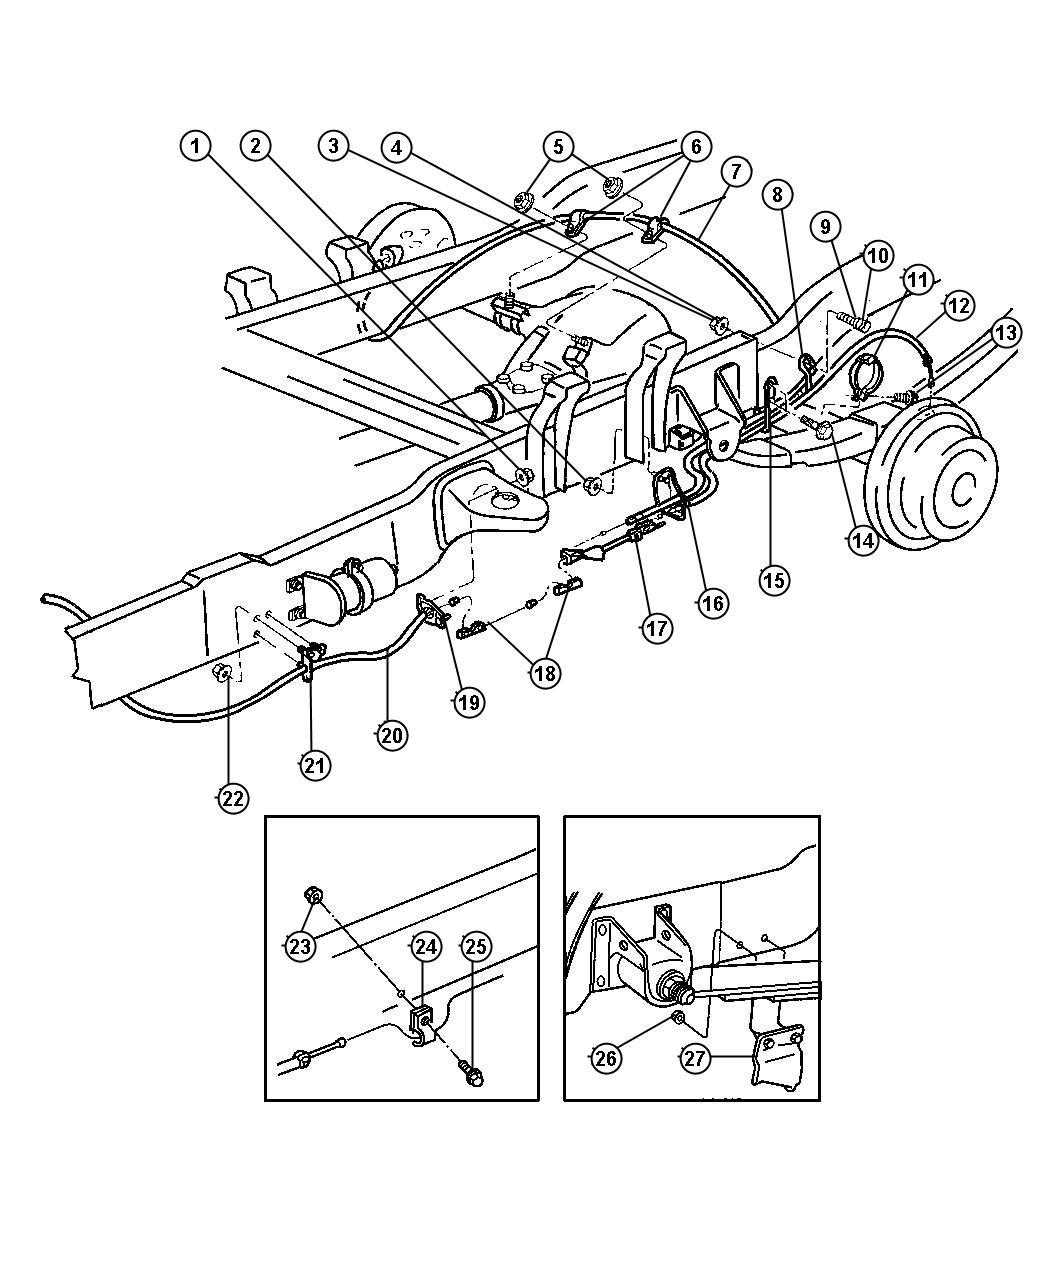 Dodge Ram 1500 Tensioner. Parking brake cable. Adjust